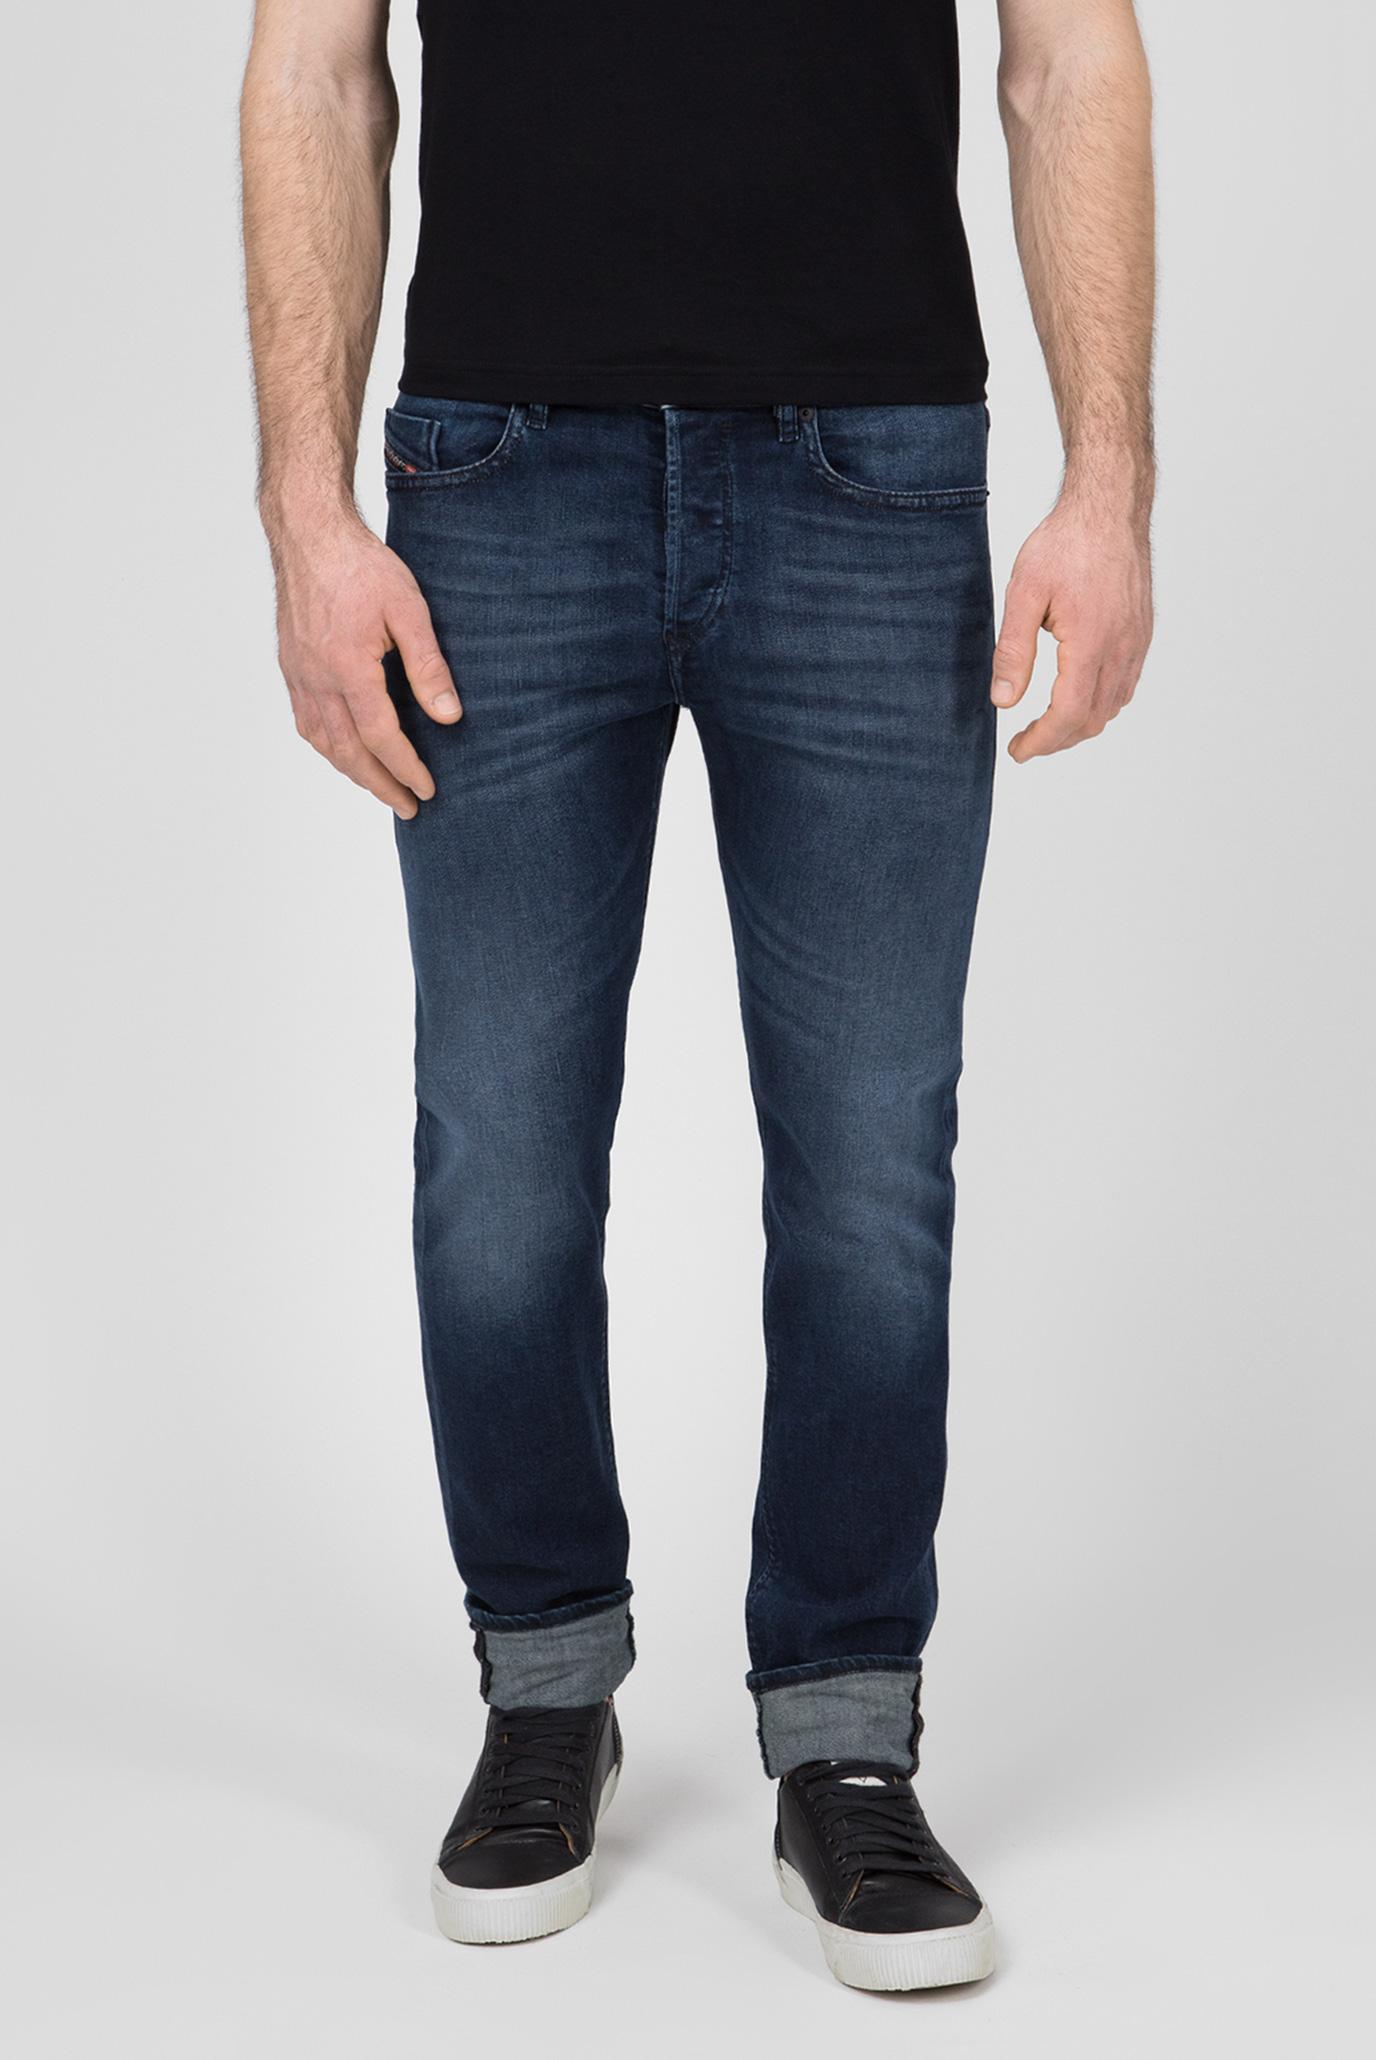 Купить Мужские синие джинсы BUSTER Diesel Diesel 00SDHB 087AS – Киев, Украина. Цены в интернет магазине MD Fashion